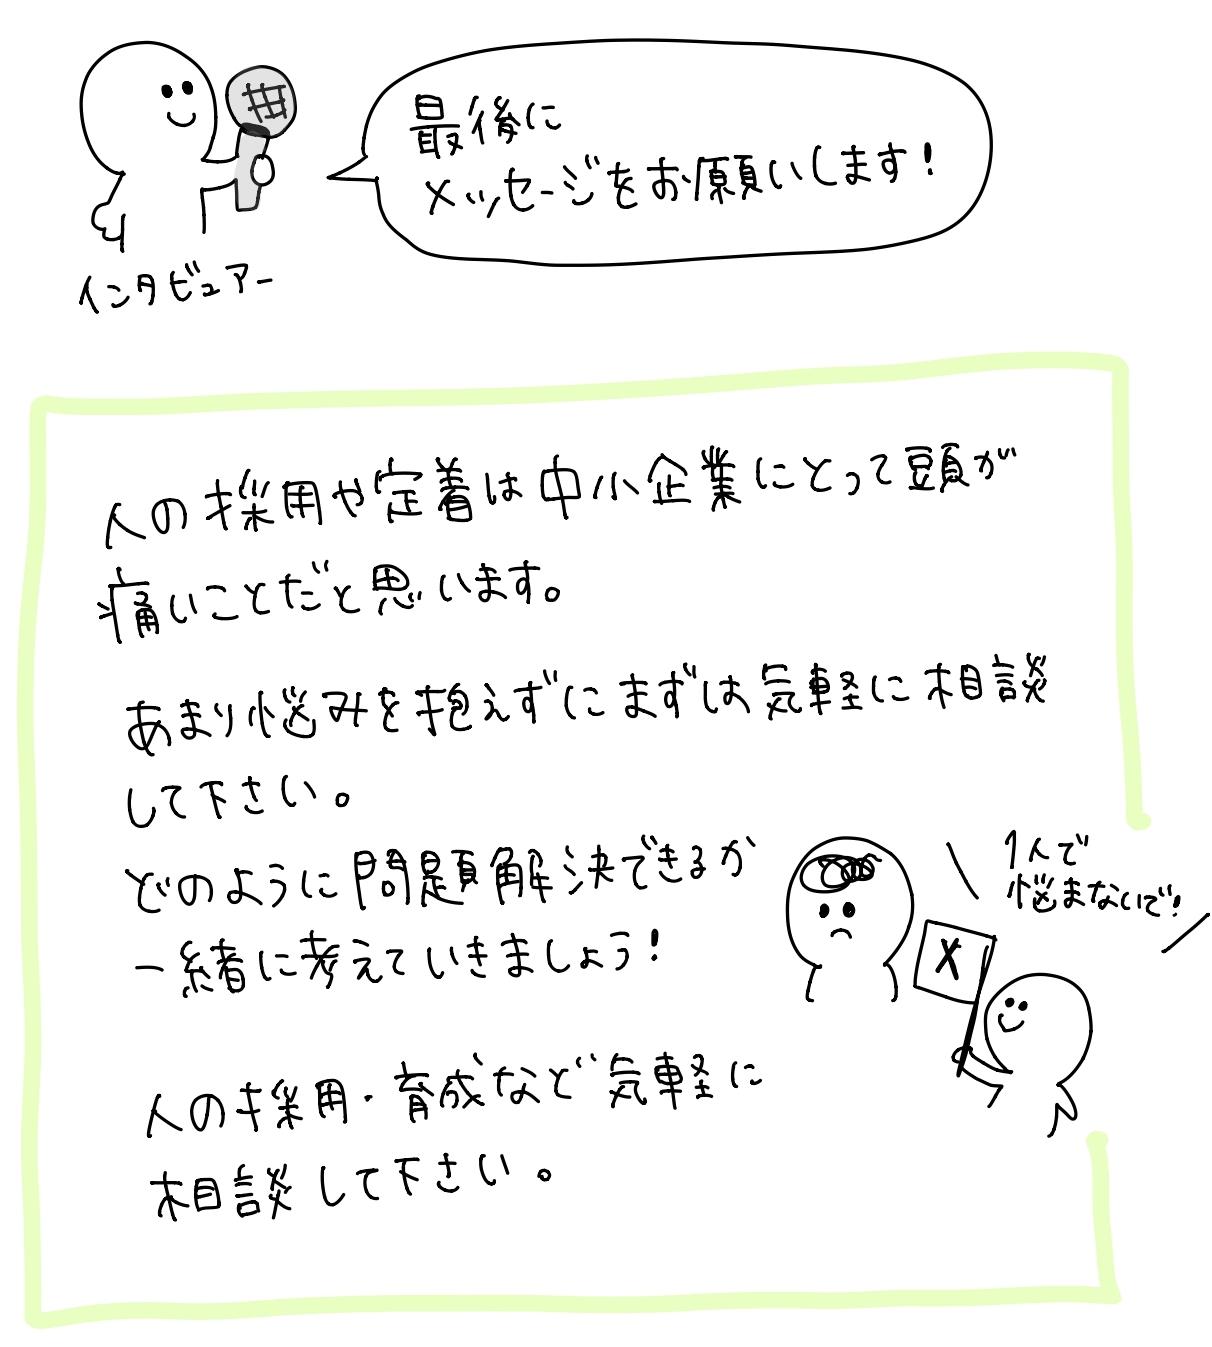 ウィル・スキル・アソシエイト株式会社の竹内慎也さんからのメッセージ